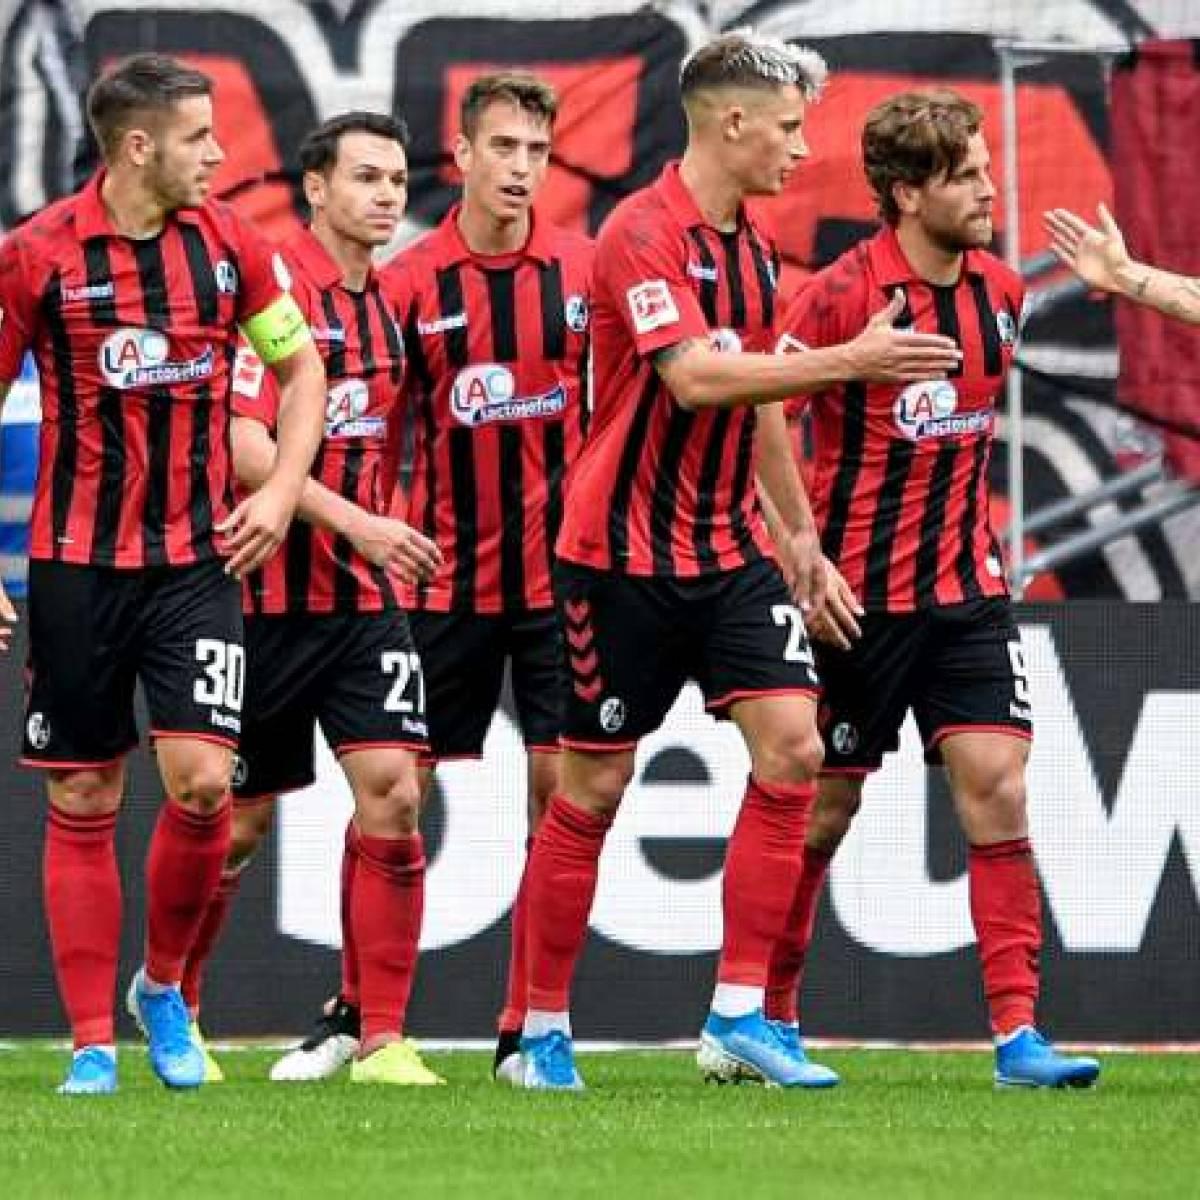 Transferzeugnis SC Freiburg: Einer der besten Neuzugänge der